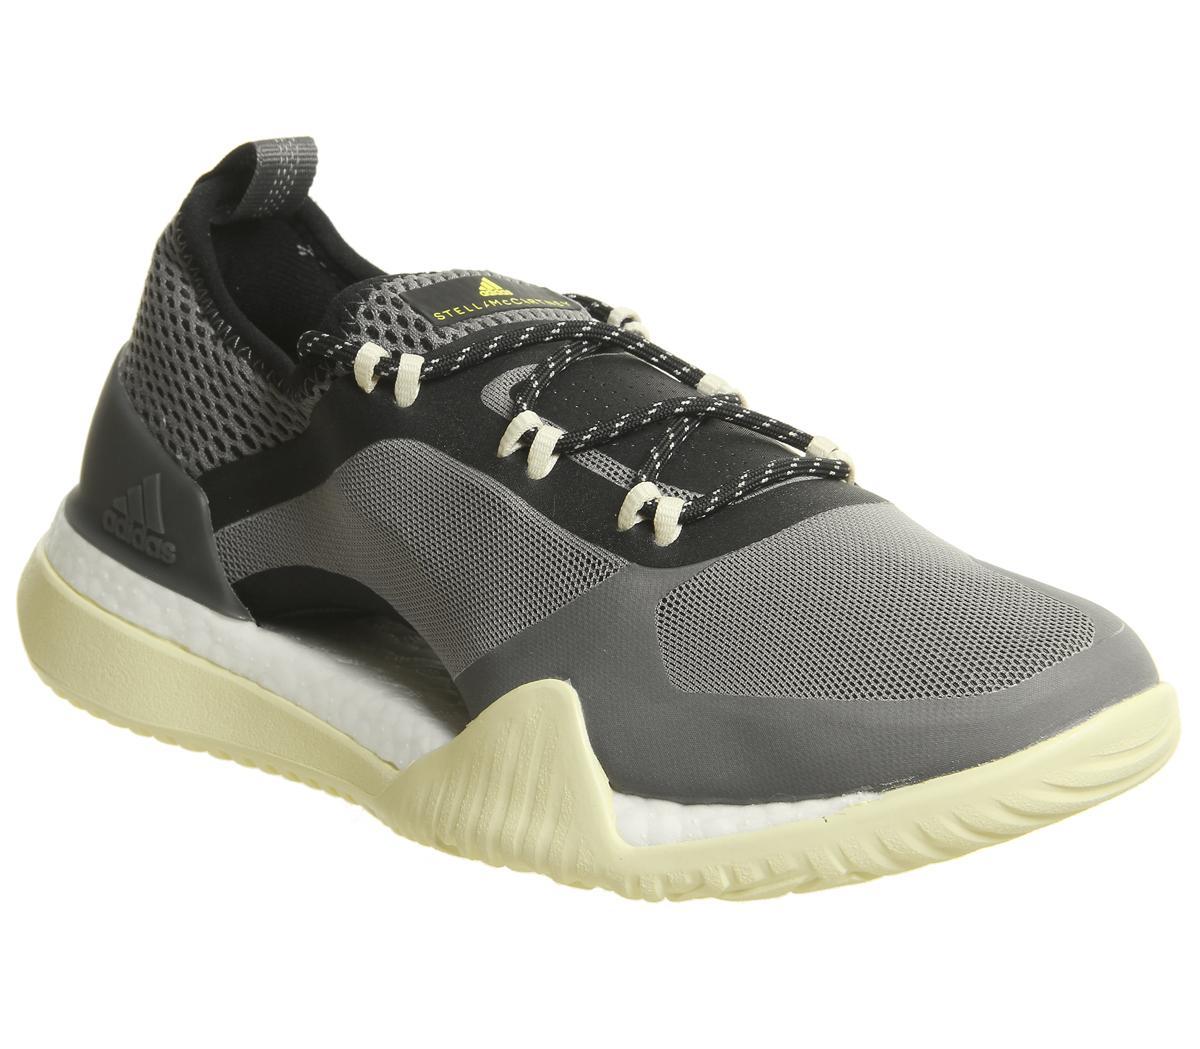 adidas Stella McCartney PureBOOST X TR 3.0 Womens Running Shoes Grey